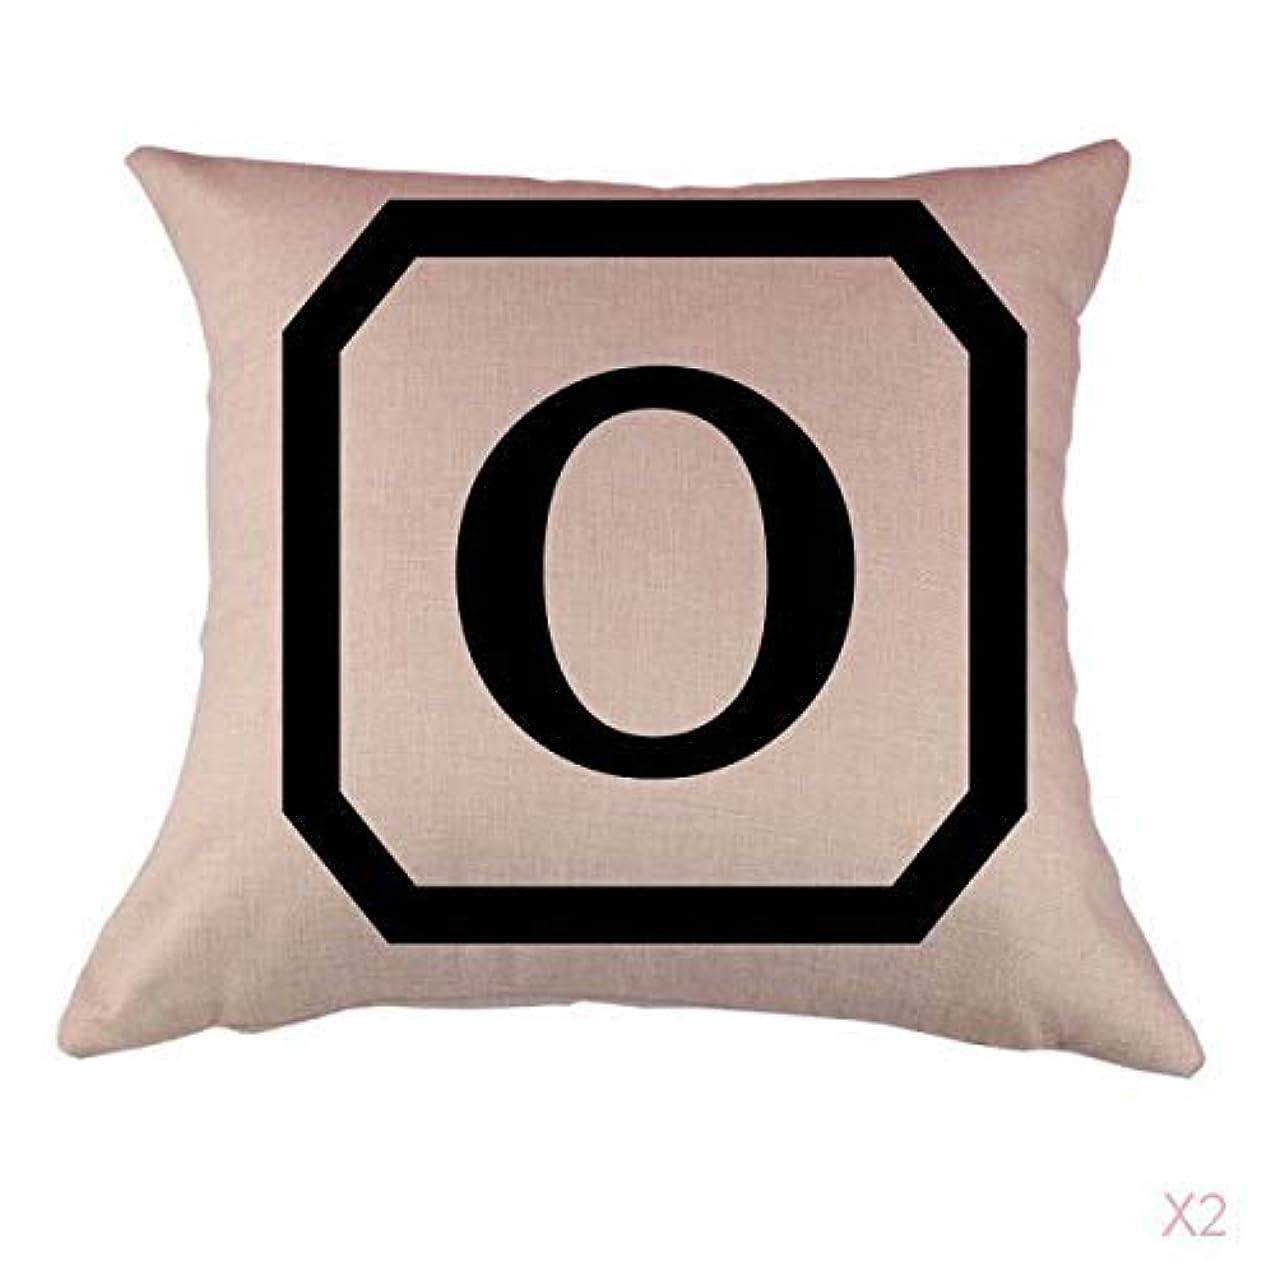 破壊原因ロンドンコットンリネンスロー枕カバークッションカバー家の装飾、初期アルファベットのO